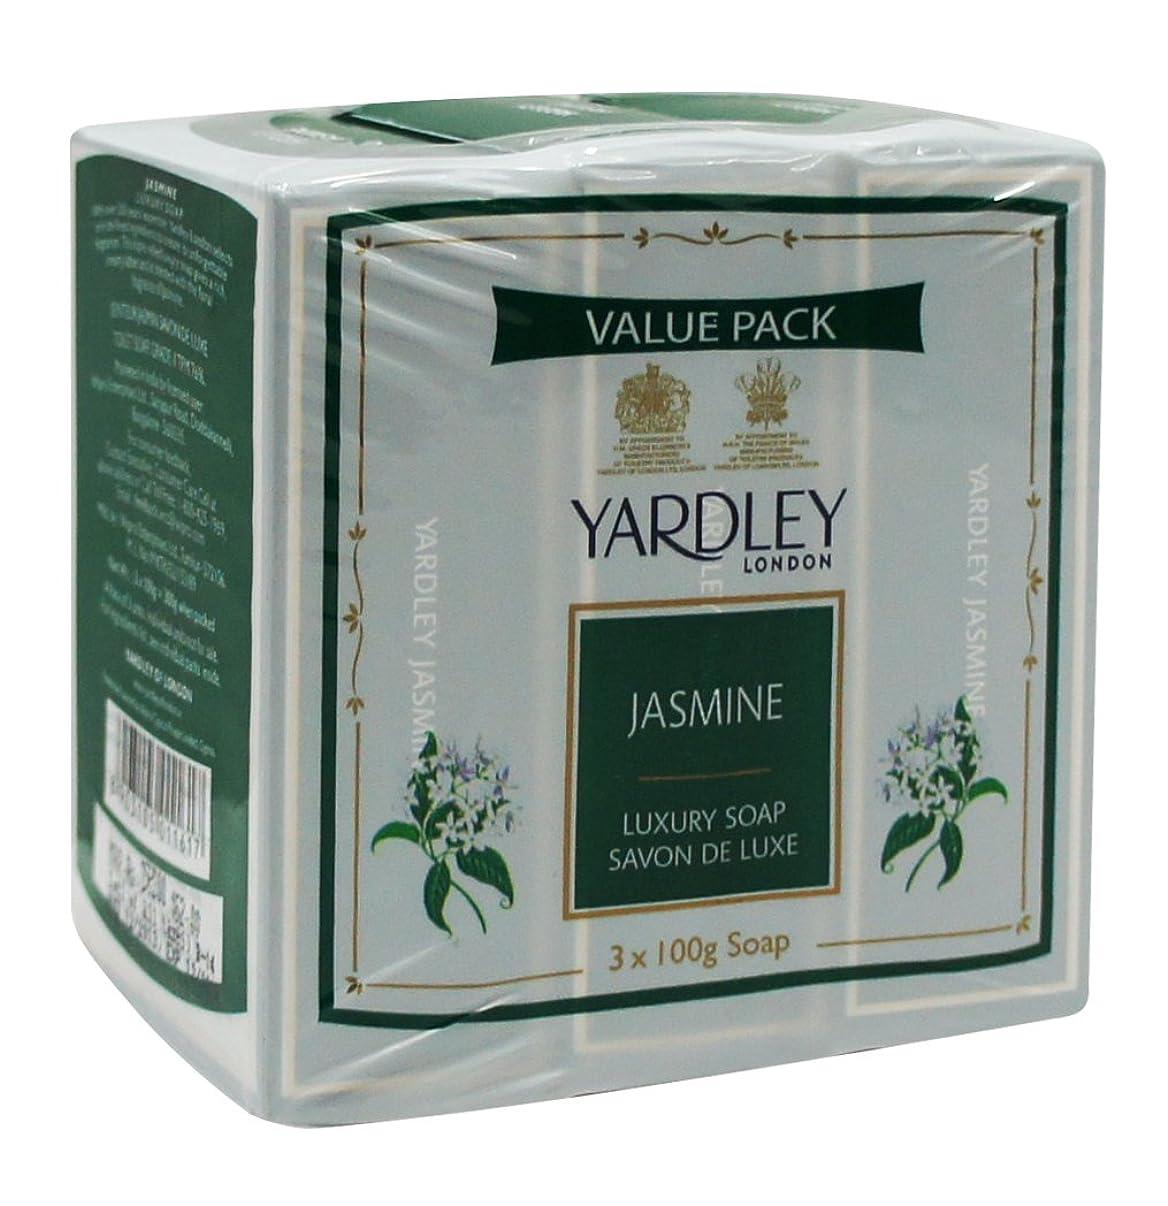 排気インデックスに話すYardley London Value Pack Luxury Soap 3x100g Jasmine by Yardley